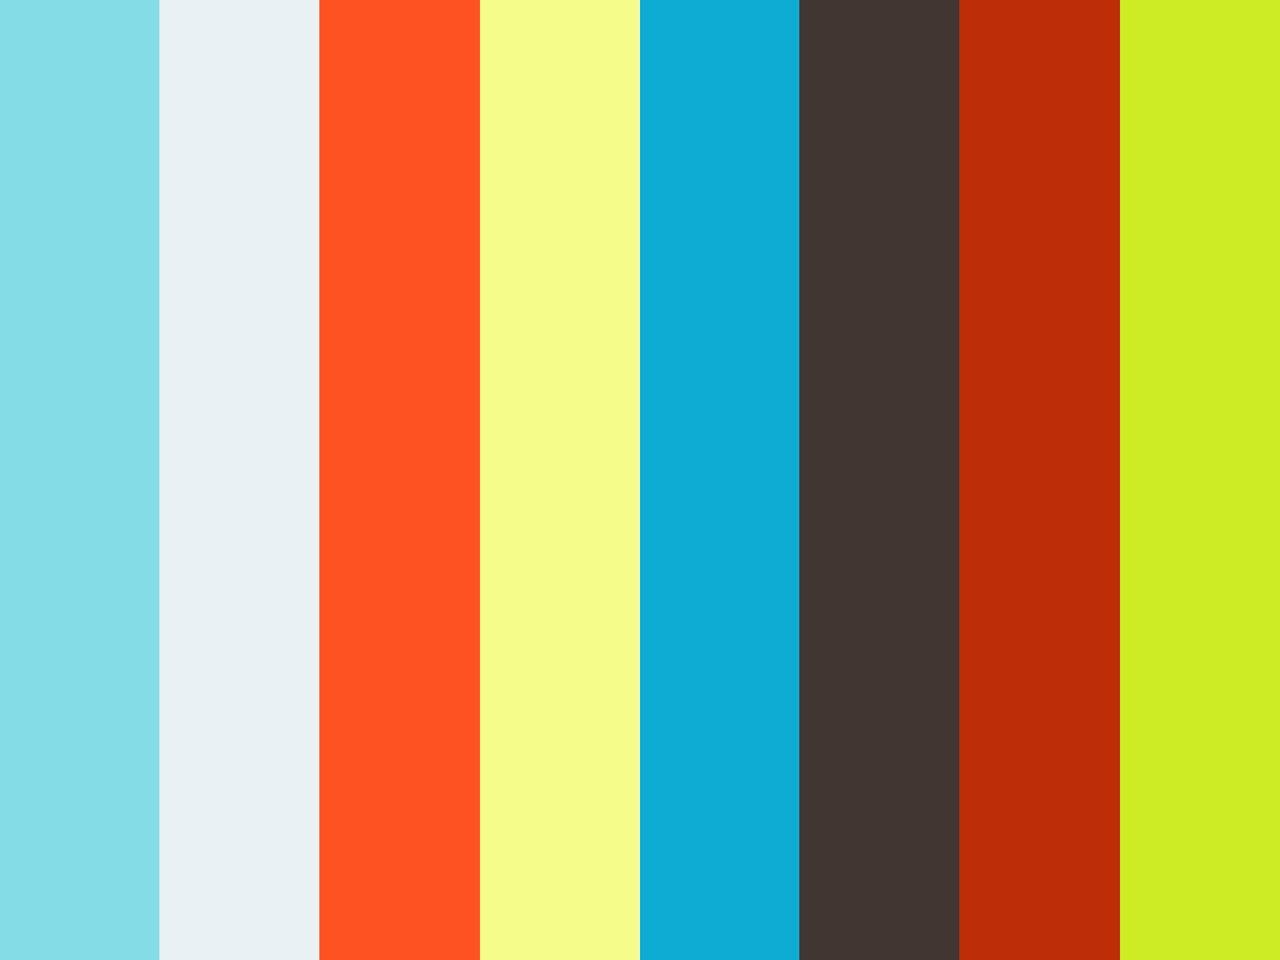 KimTAILHADES Lighting Demoreel 2017